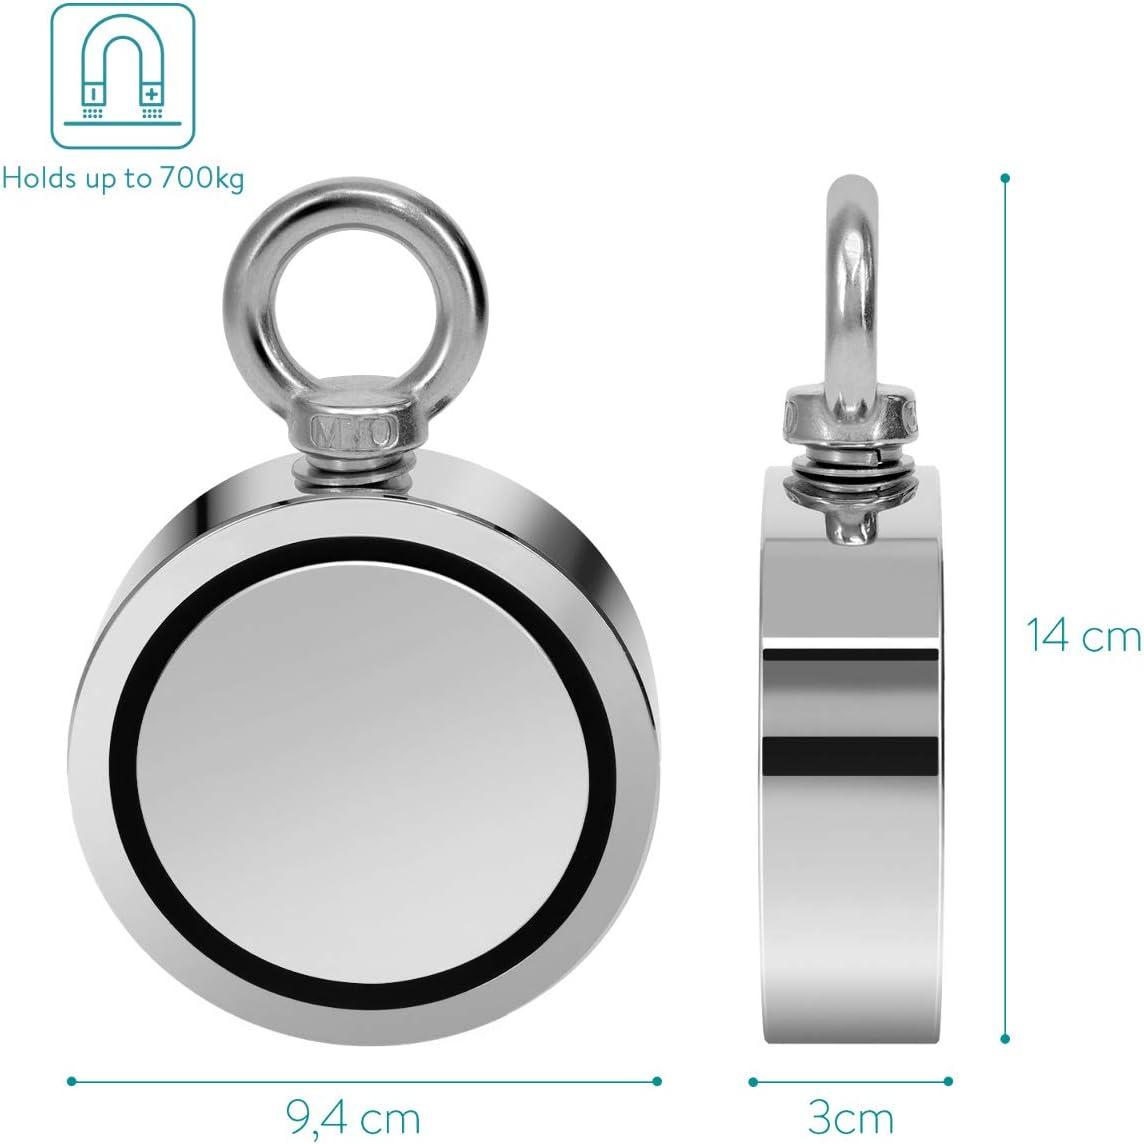 Navaris Angelmagnet doppelseitig mit 700kg Magnetzugkraft /Ösenmagnet Bergemagnet 9,4 x 3cm Neodym Magnet extra stark zum Magnetfischen